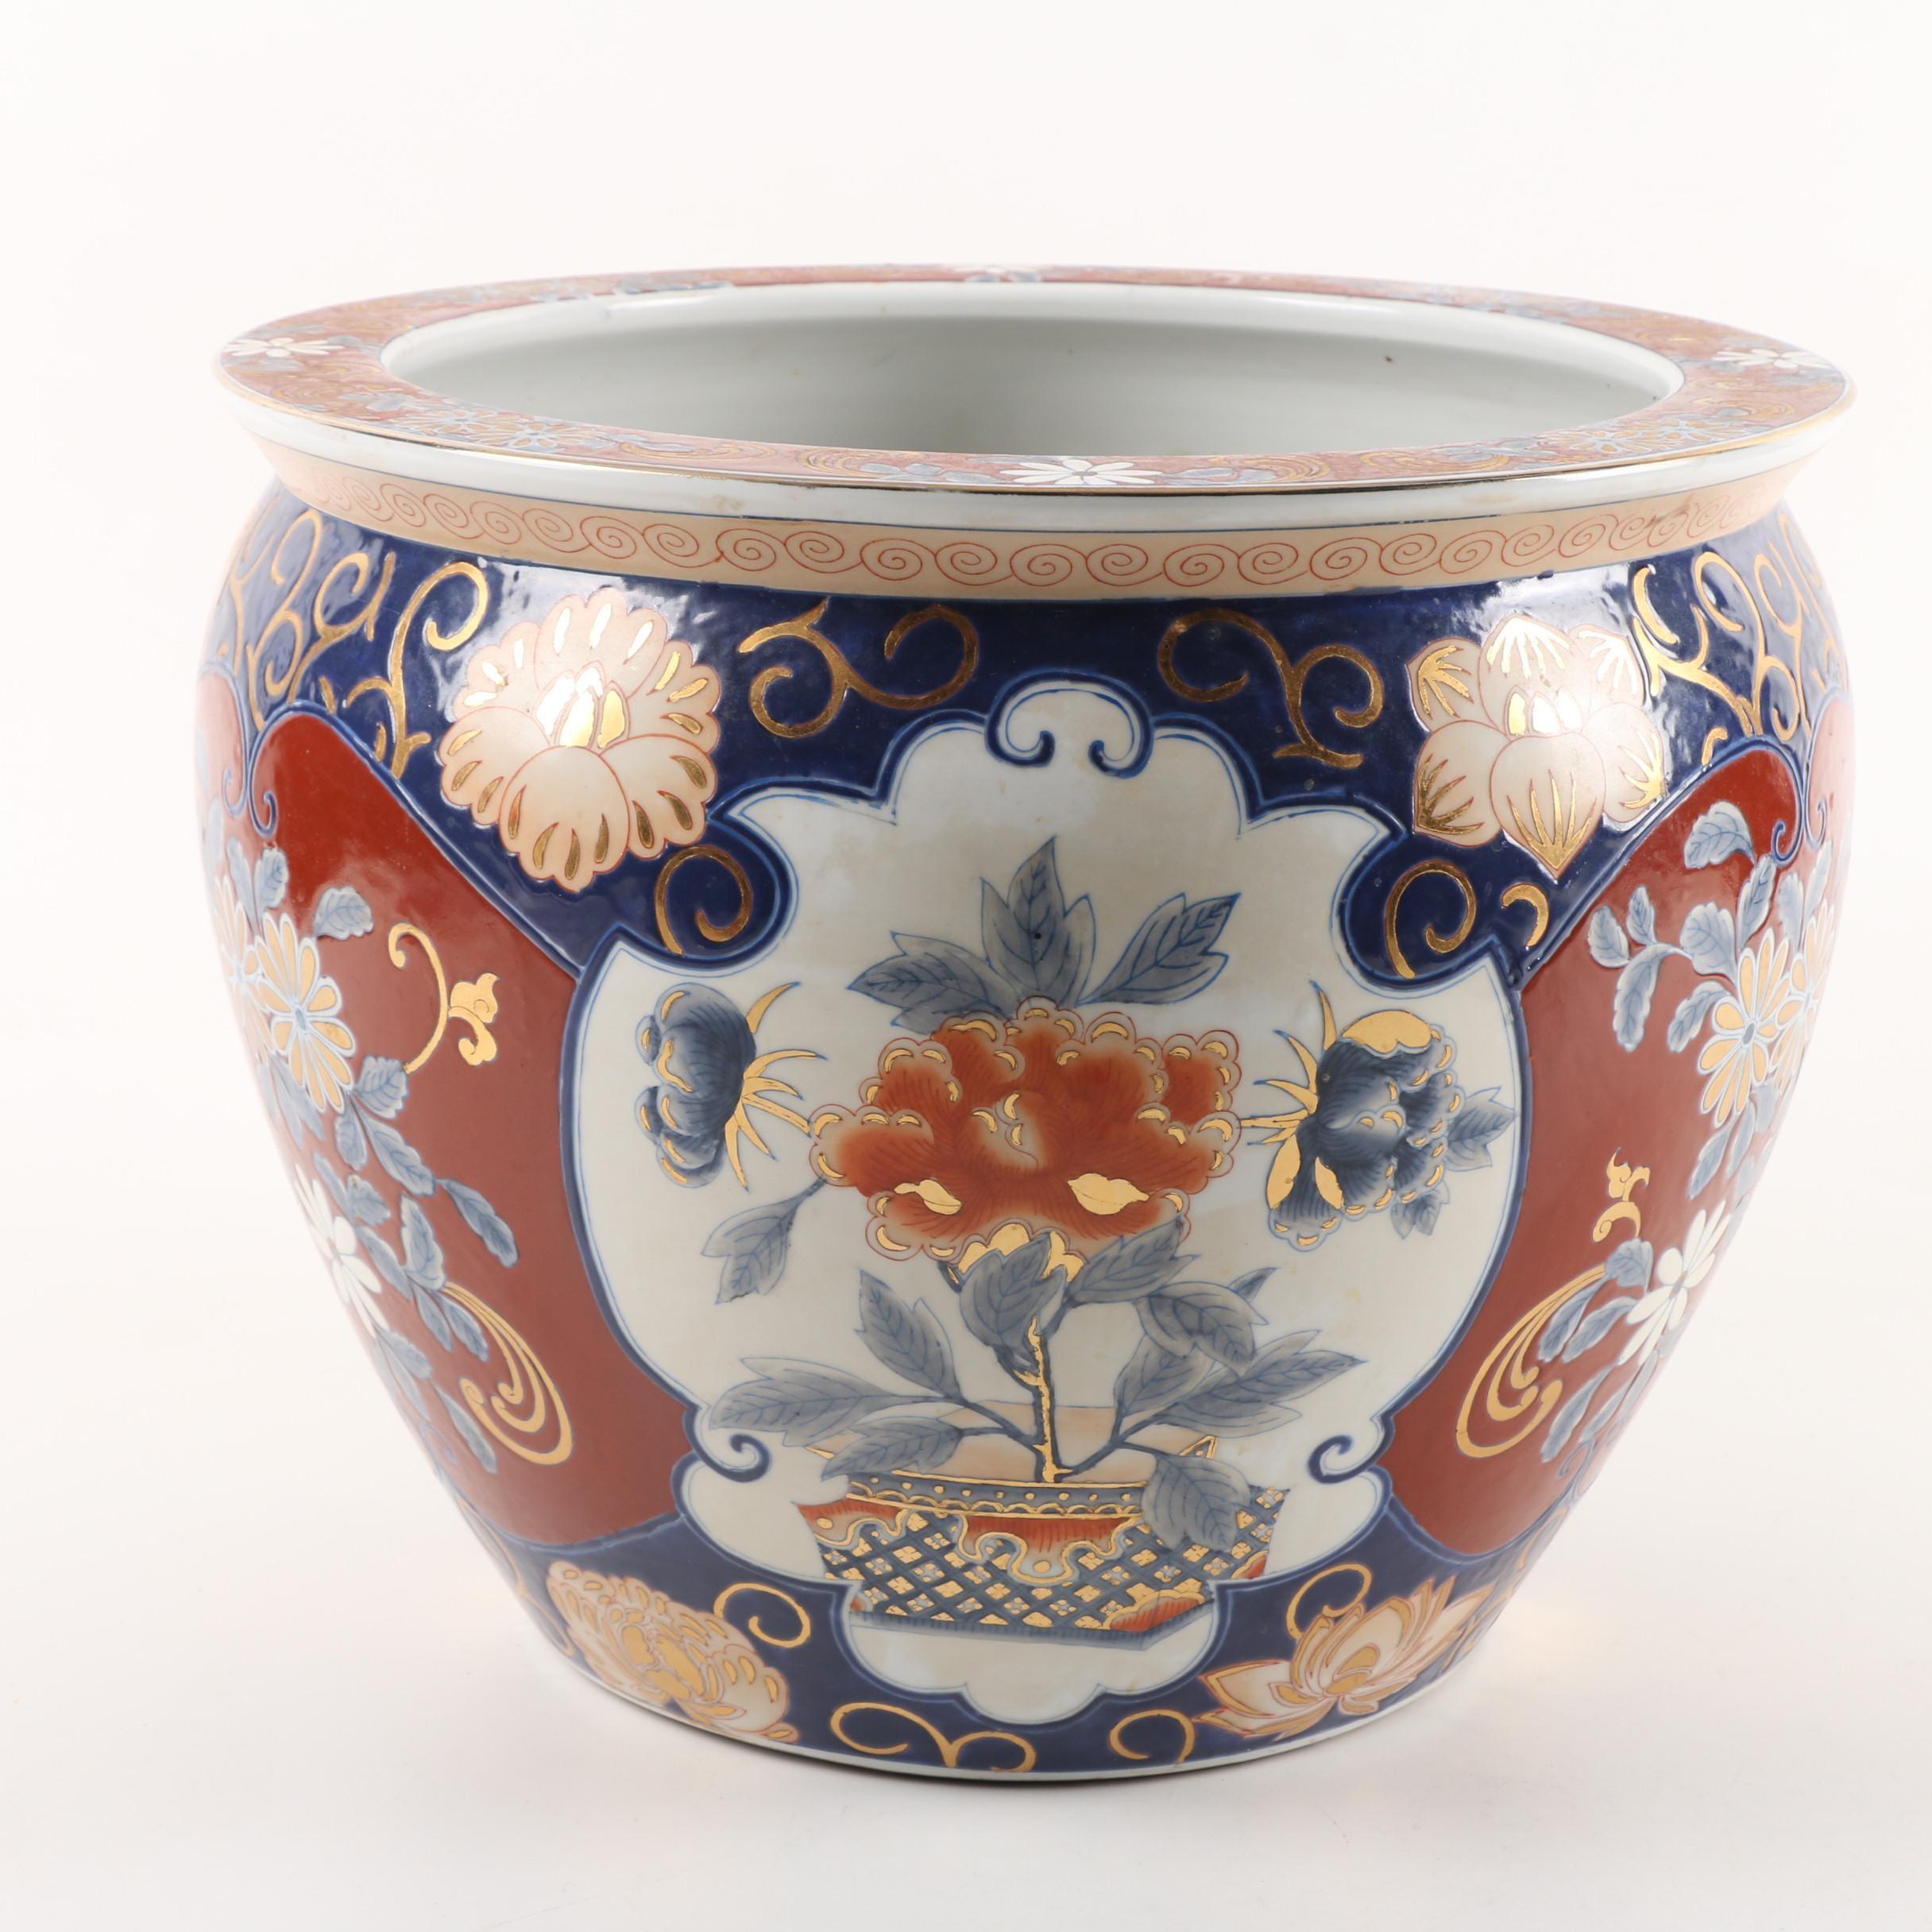 Contemporary Chinese Imari Style Fishbowl Planter